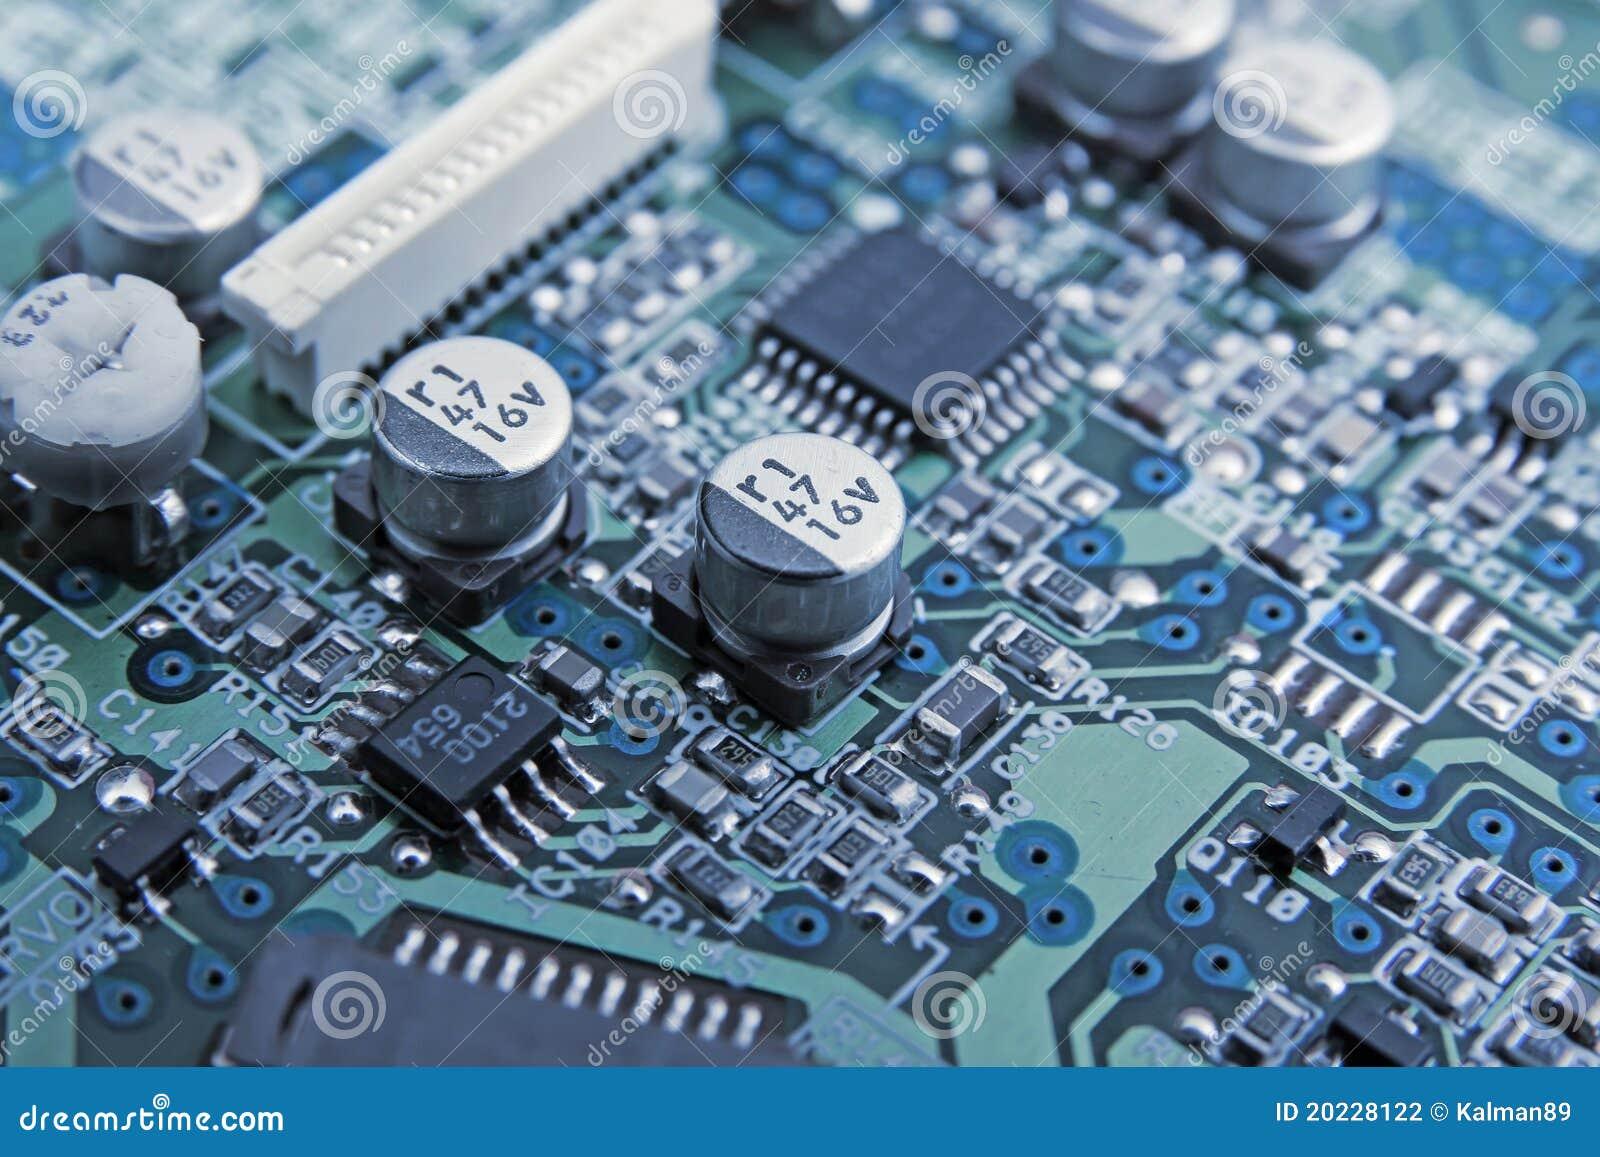 Elektroniczny deskowy obwód